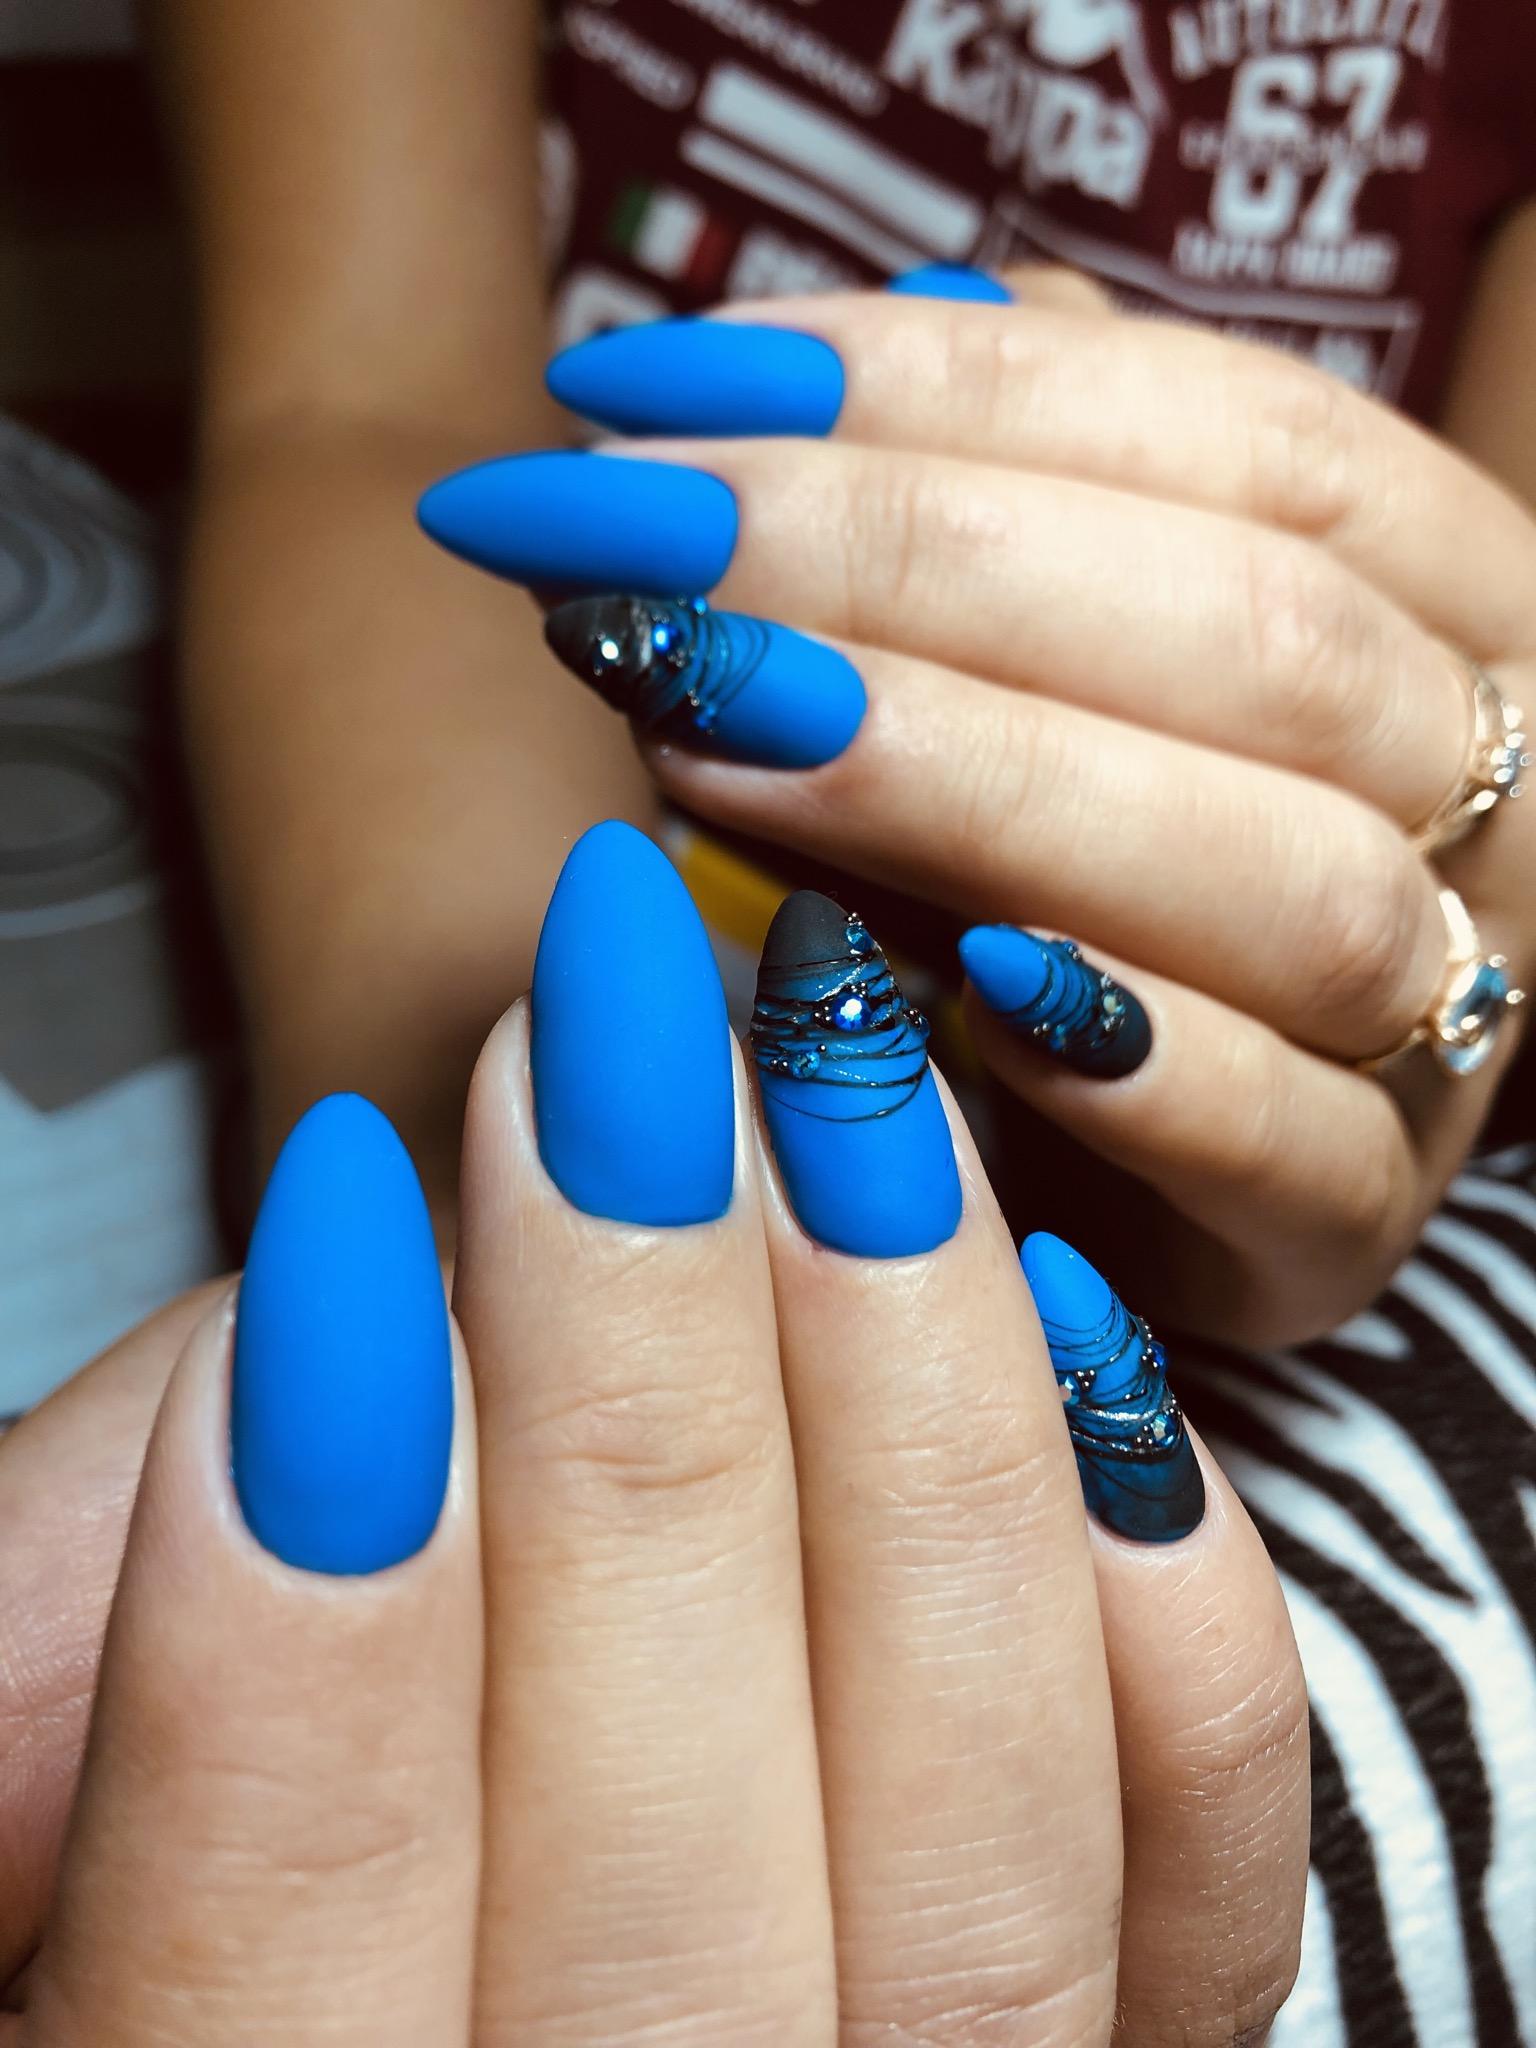 Матовый маникюр с паутинкой и стразами в синем цвете на длинные ногти.